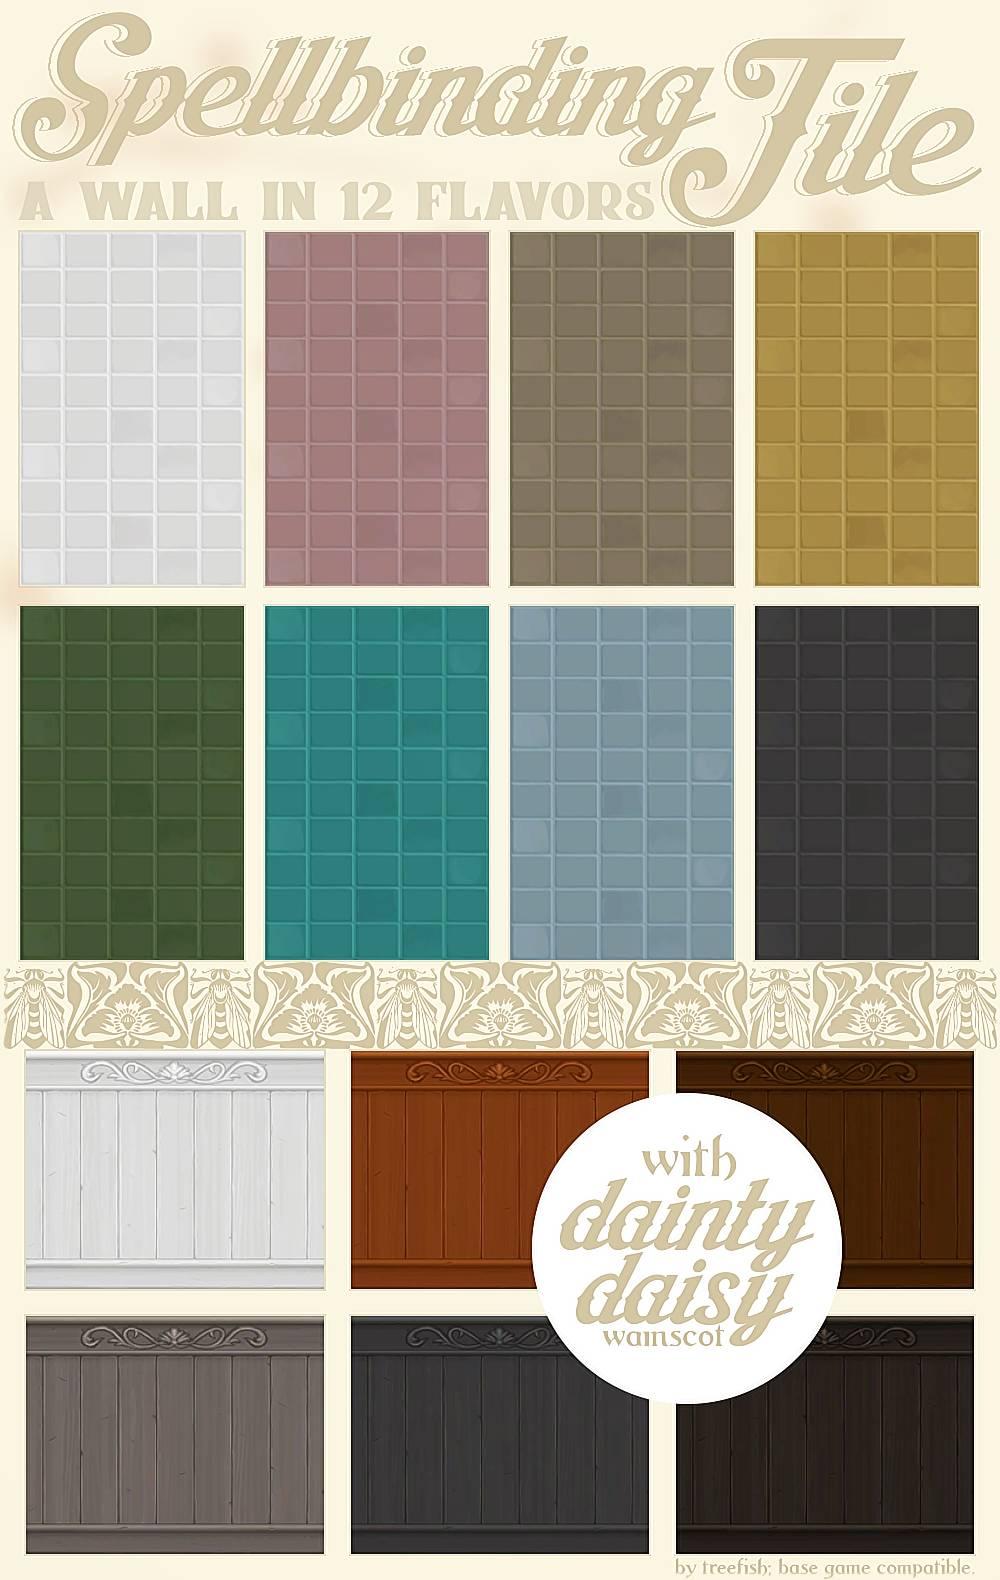 Настенная плитка и деревянные панели - Spellbinding Tile with Dainty Daisy Wainscot